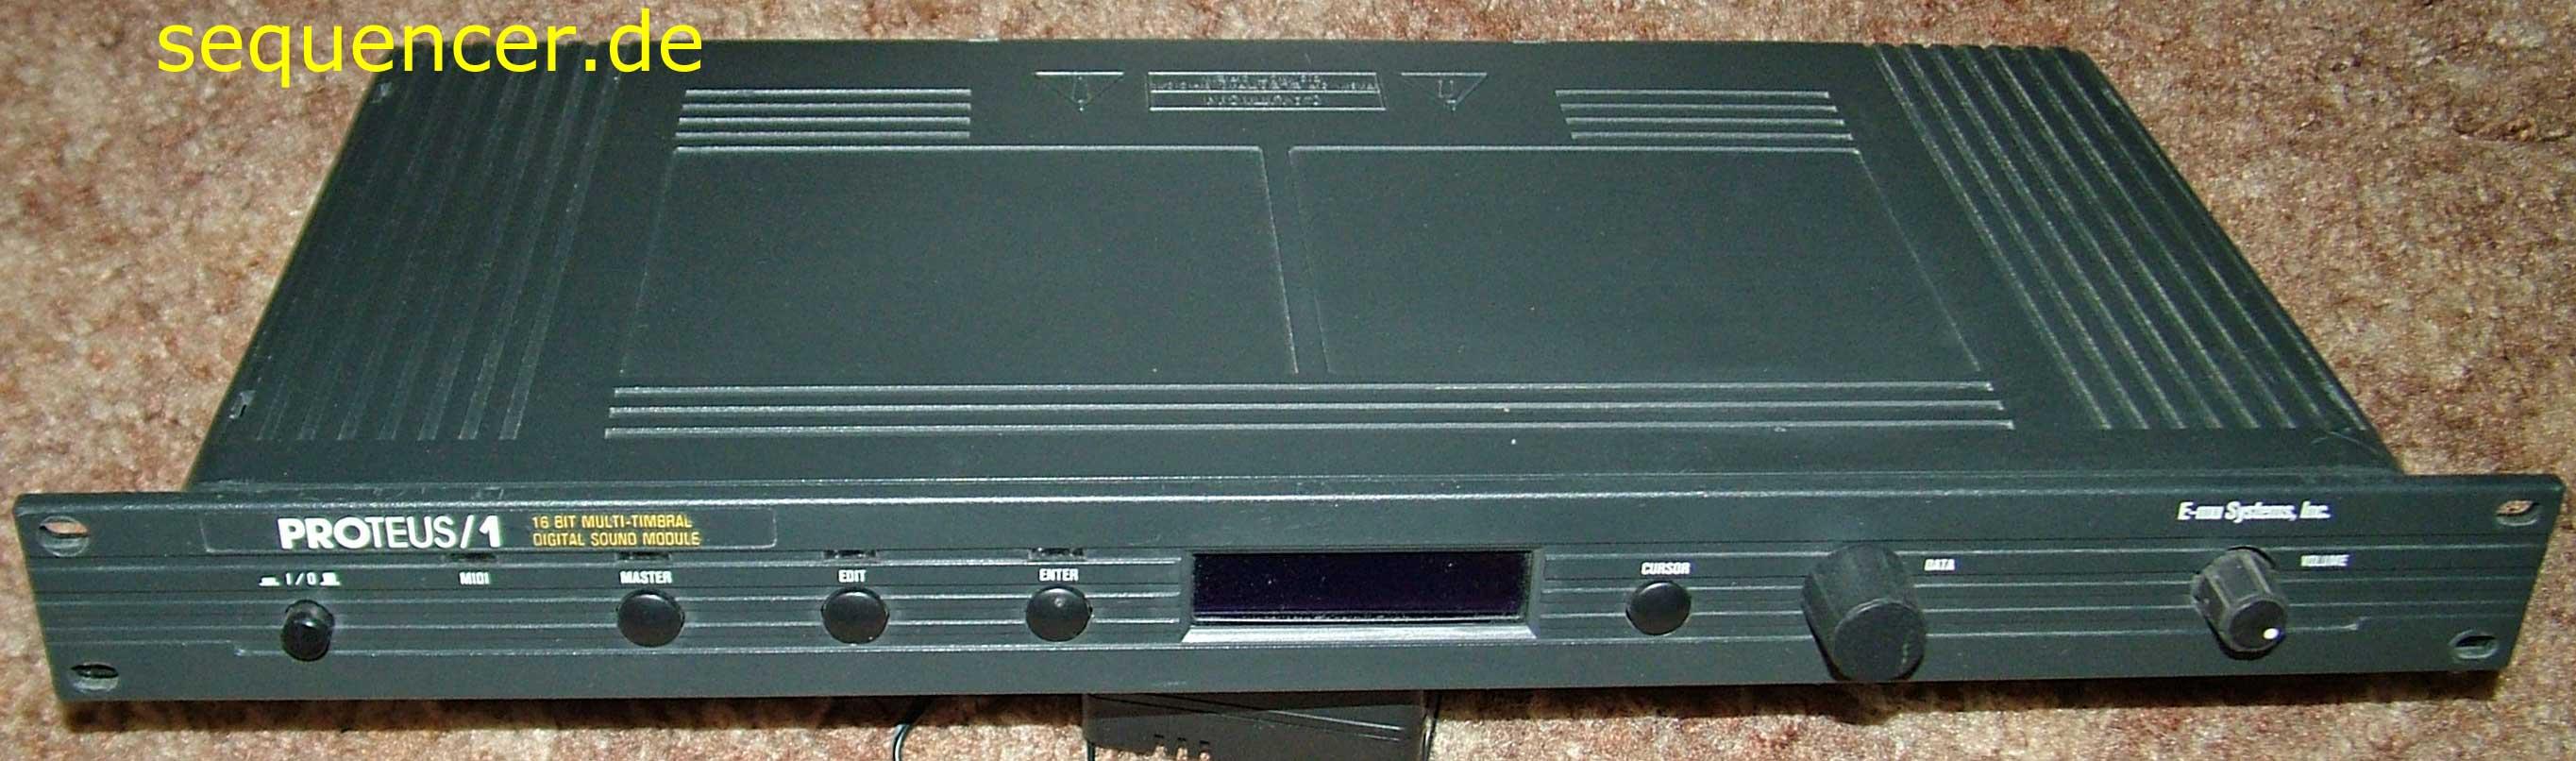 Emu Proteus1PopRock synthesizer